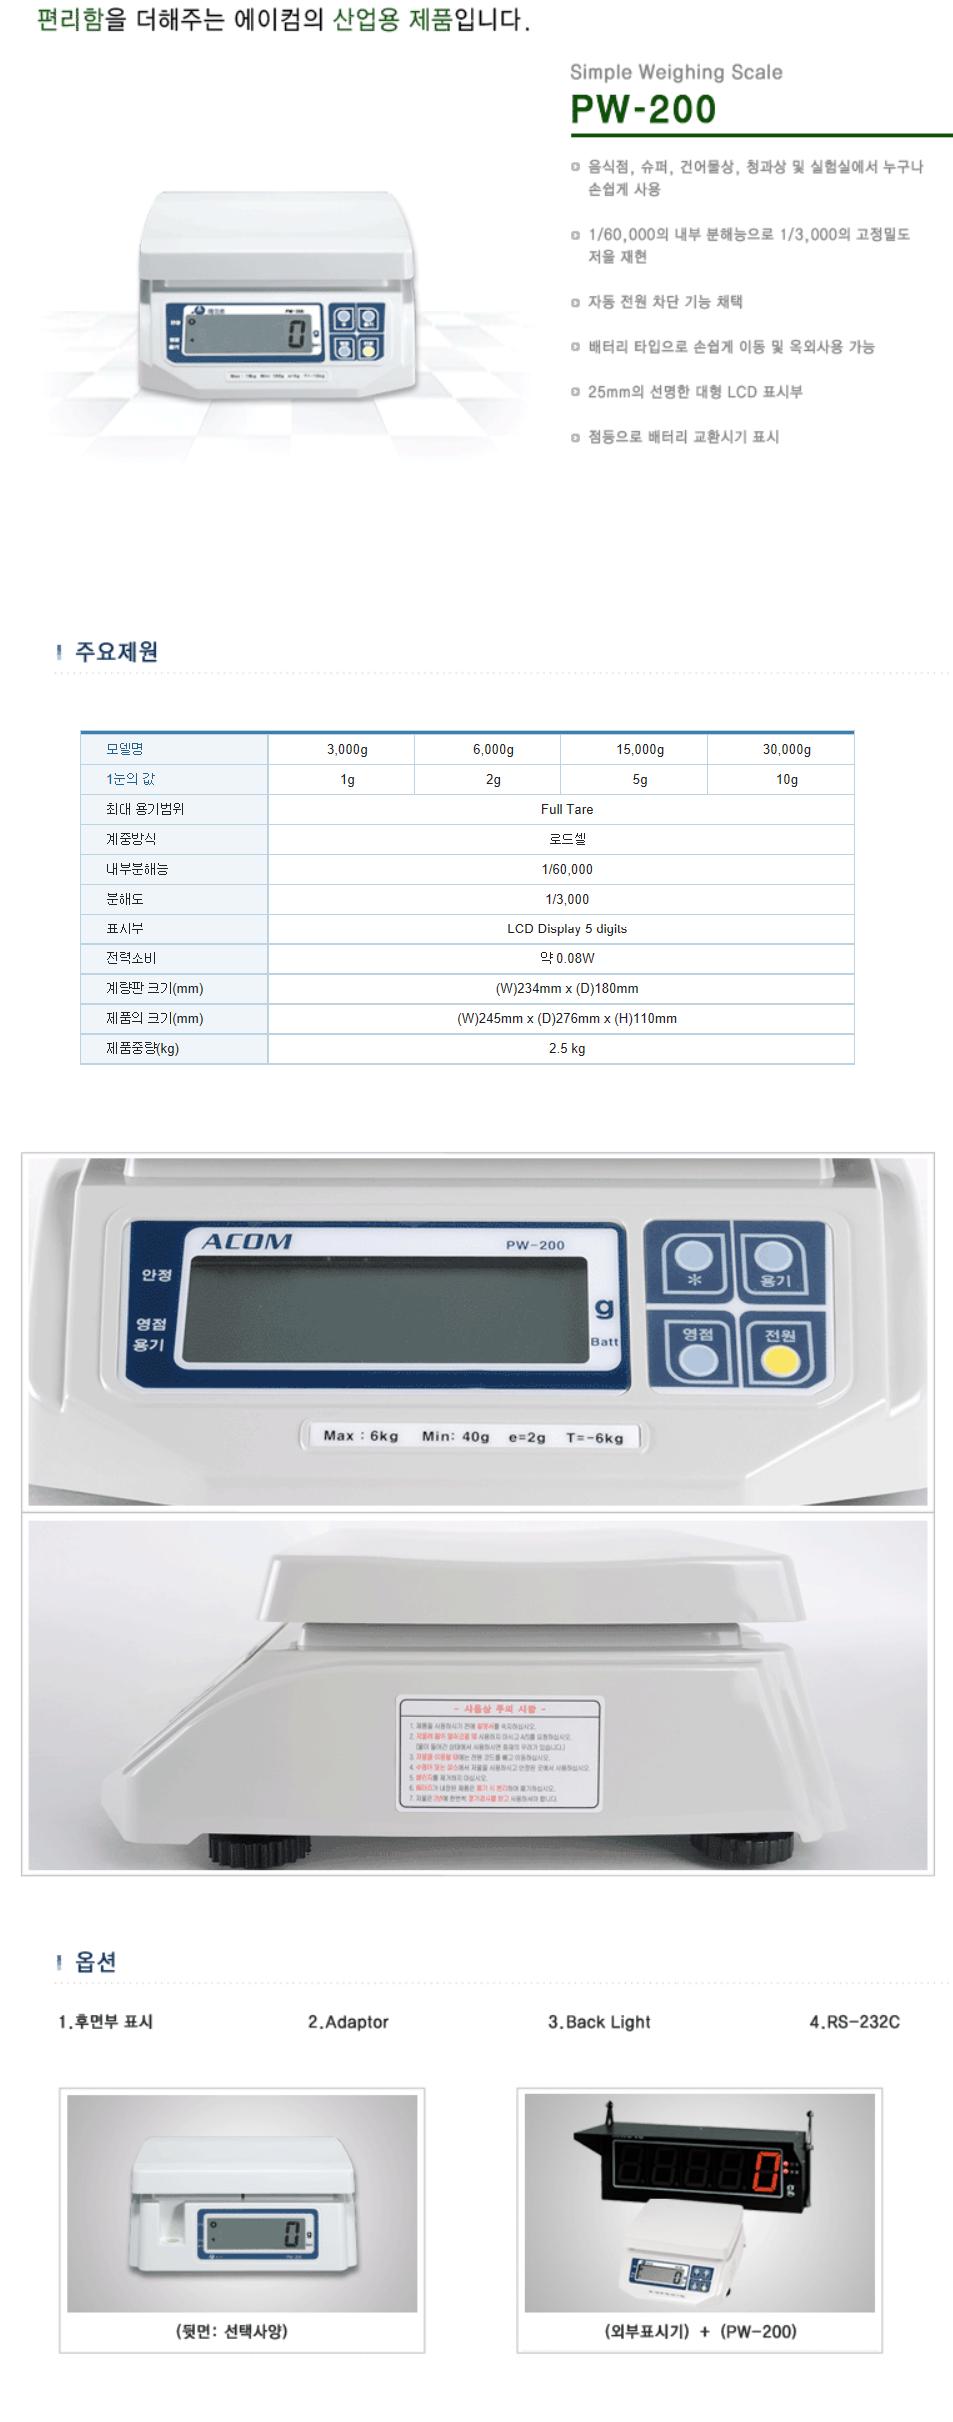 (주)에이컴 Simple Weighing Scale PW-200 1